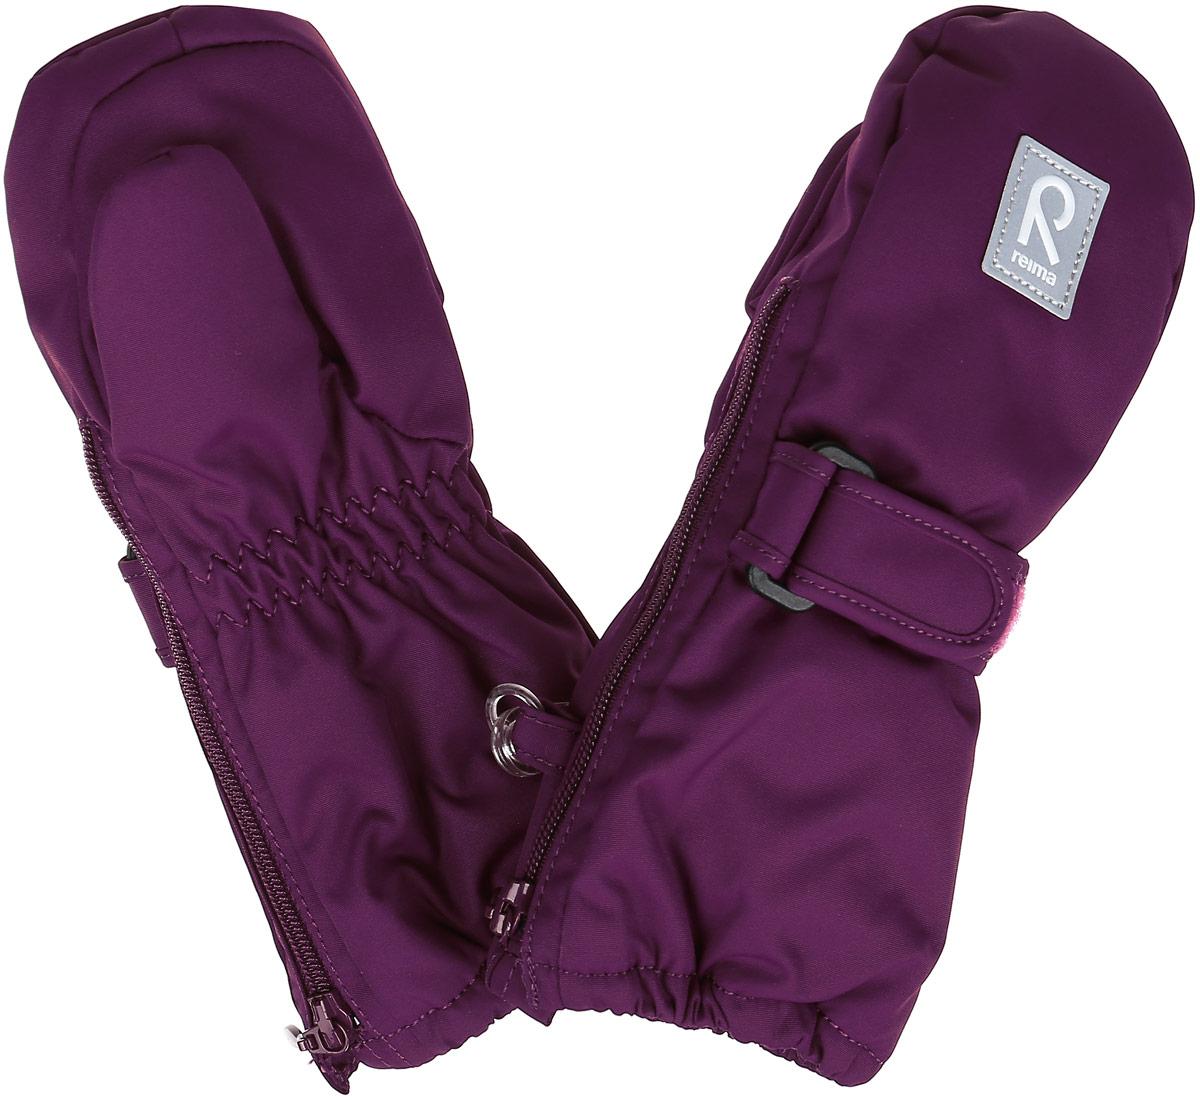 517135-4620Детские варежки Reima Tassu, изготовленные из мембранной ткани с водо- и ветрозащитным покрытием, станут идеальным вариантом, для холодной зимней погоды. Уникальный дышащий материал с безопасным и простым в уходе покрытием и теплая подкладка из синтепона надежно сохранят тепло и не дадут ручкам вашего малыша замерзнуть. Варежки дополнены регулируемыми хлястиками на липучках с пластиковой пряжкой, а также застежками- молниями по бокам, которые позволяют легко надевать и снимать варежки. Манжеты дополнены эластичными резинками. С внешней стороны варежки оформлены светоотражающими нашивками. Средняя степень утепления. Идеально при температурах от 0°С до -20°С.